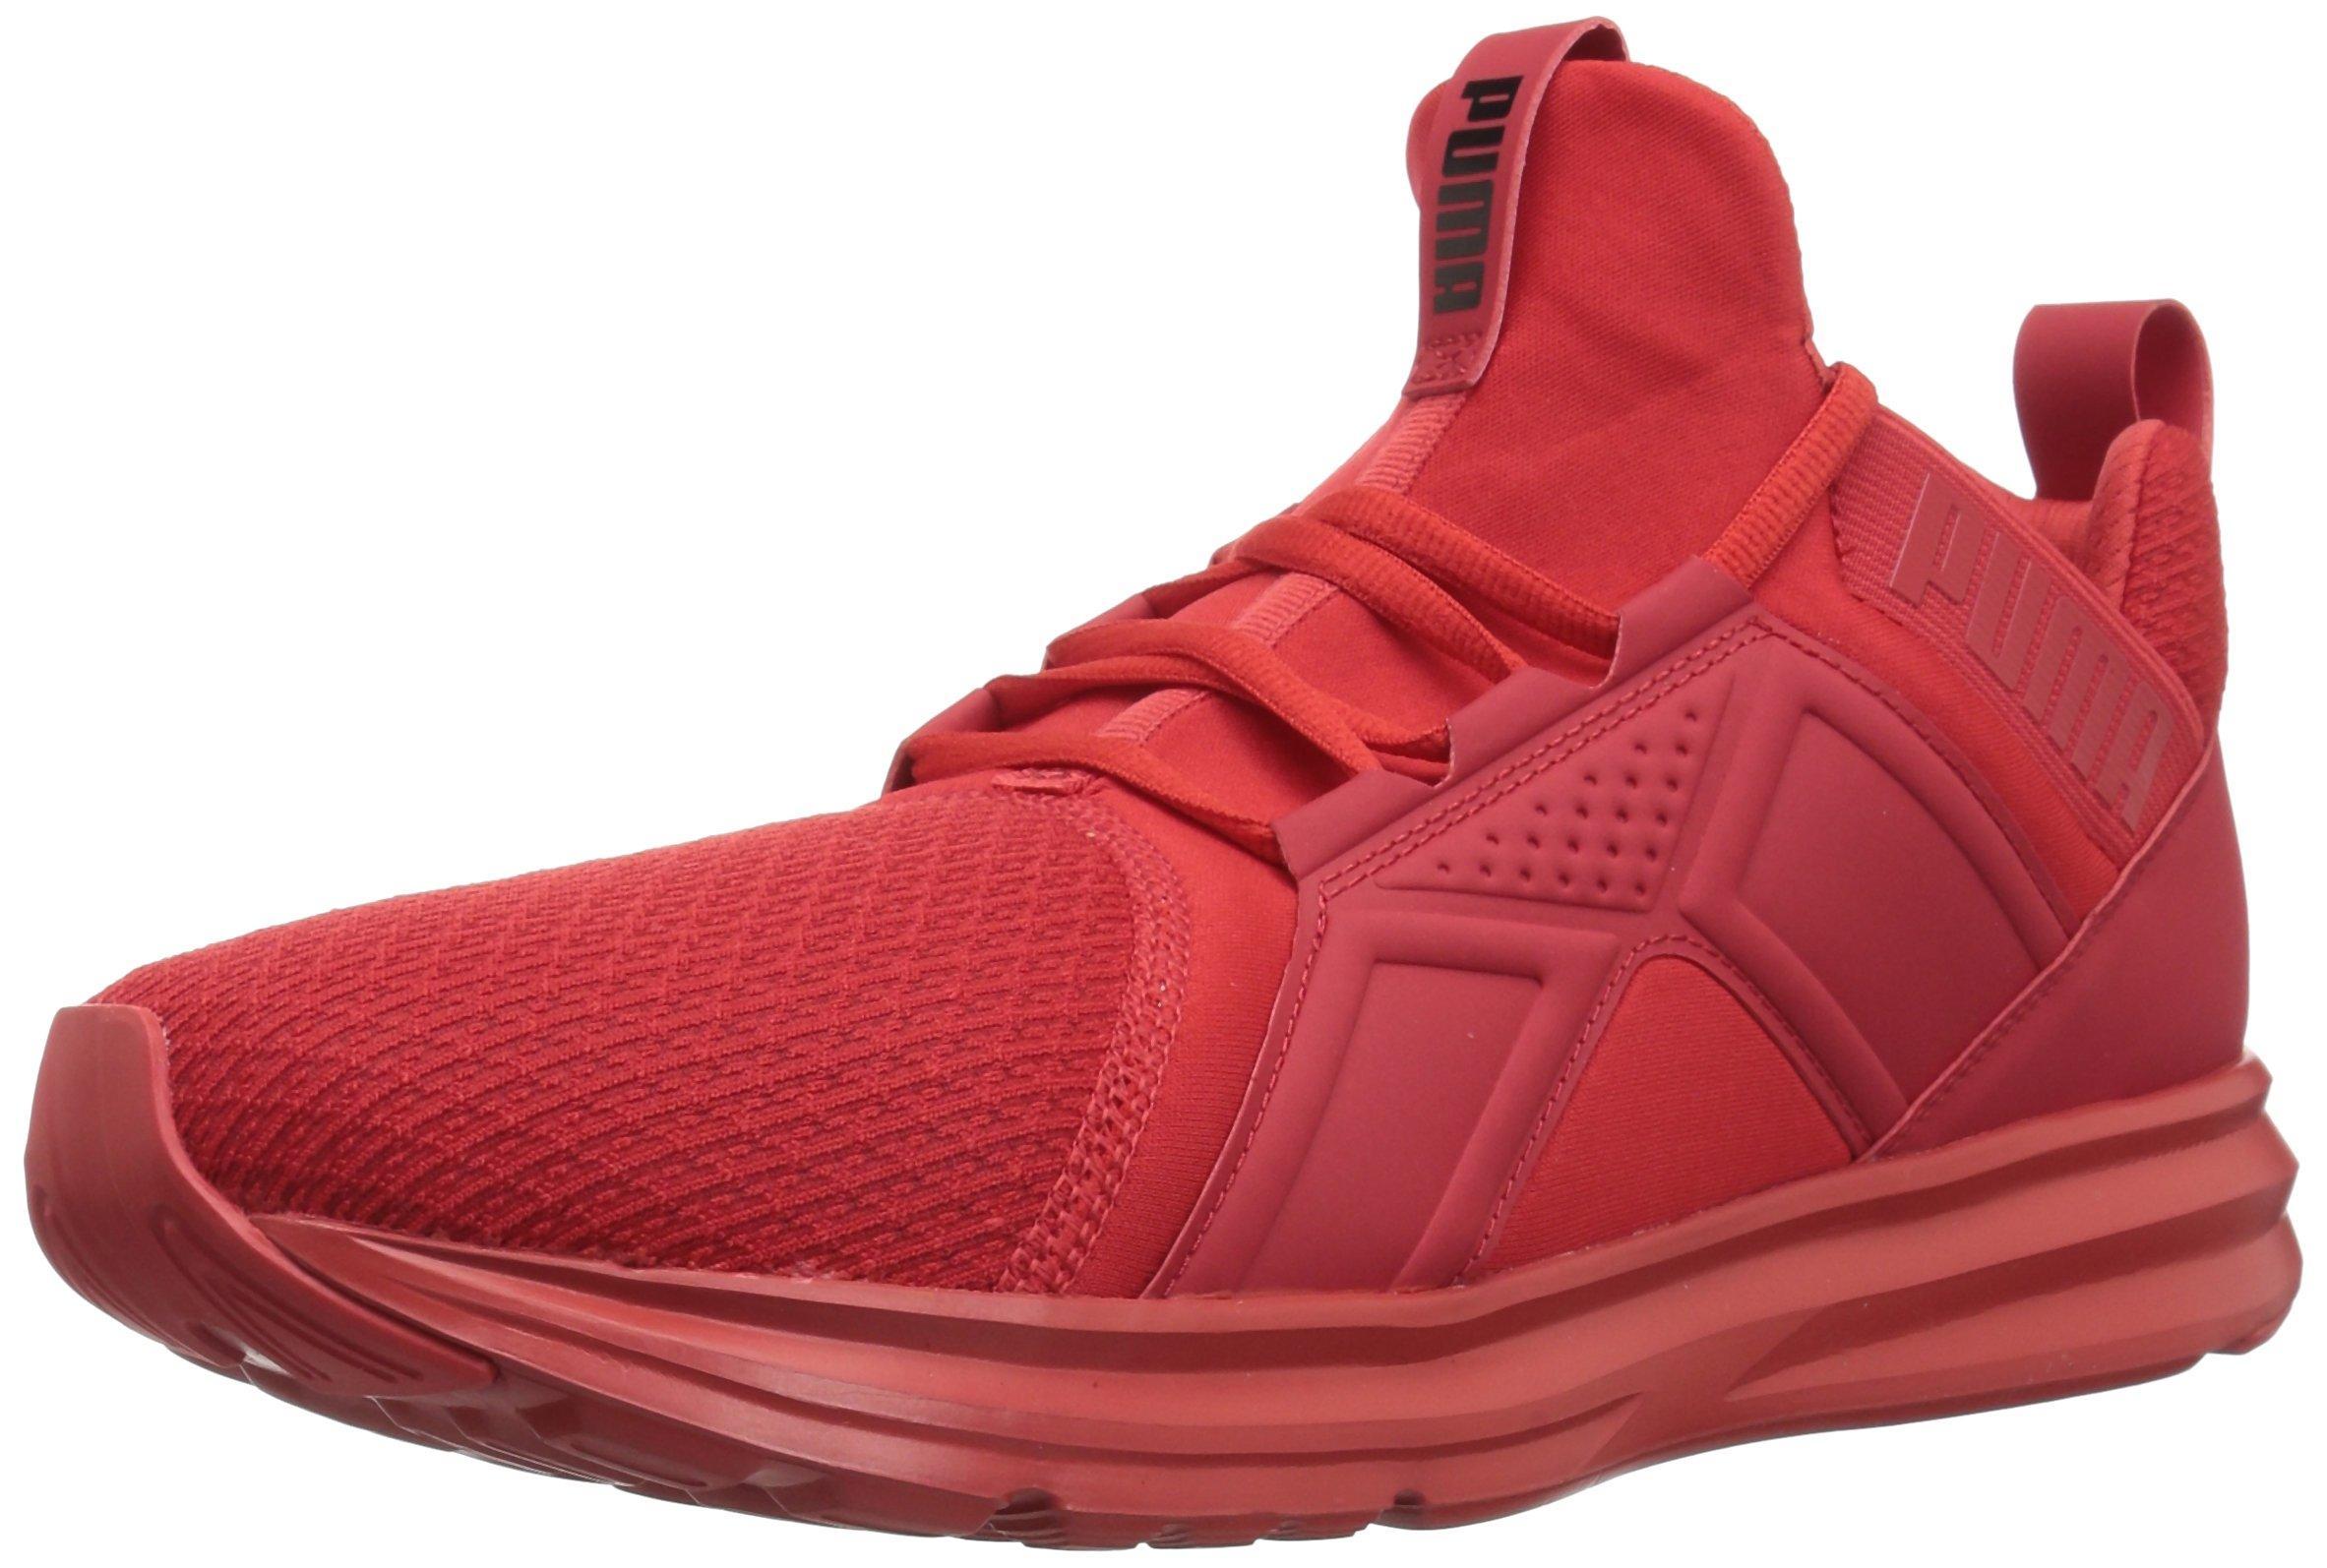 PUMA Rubber Enzo Wide Sneaker in Red